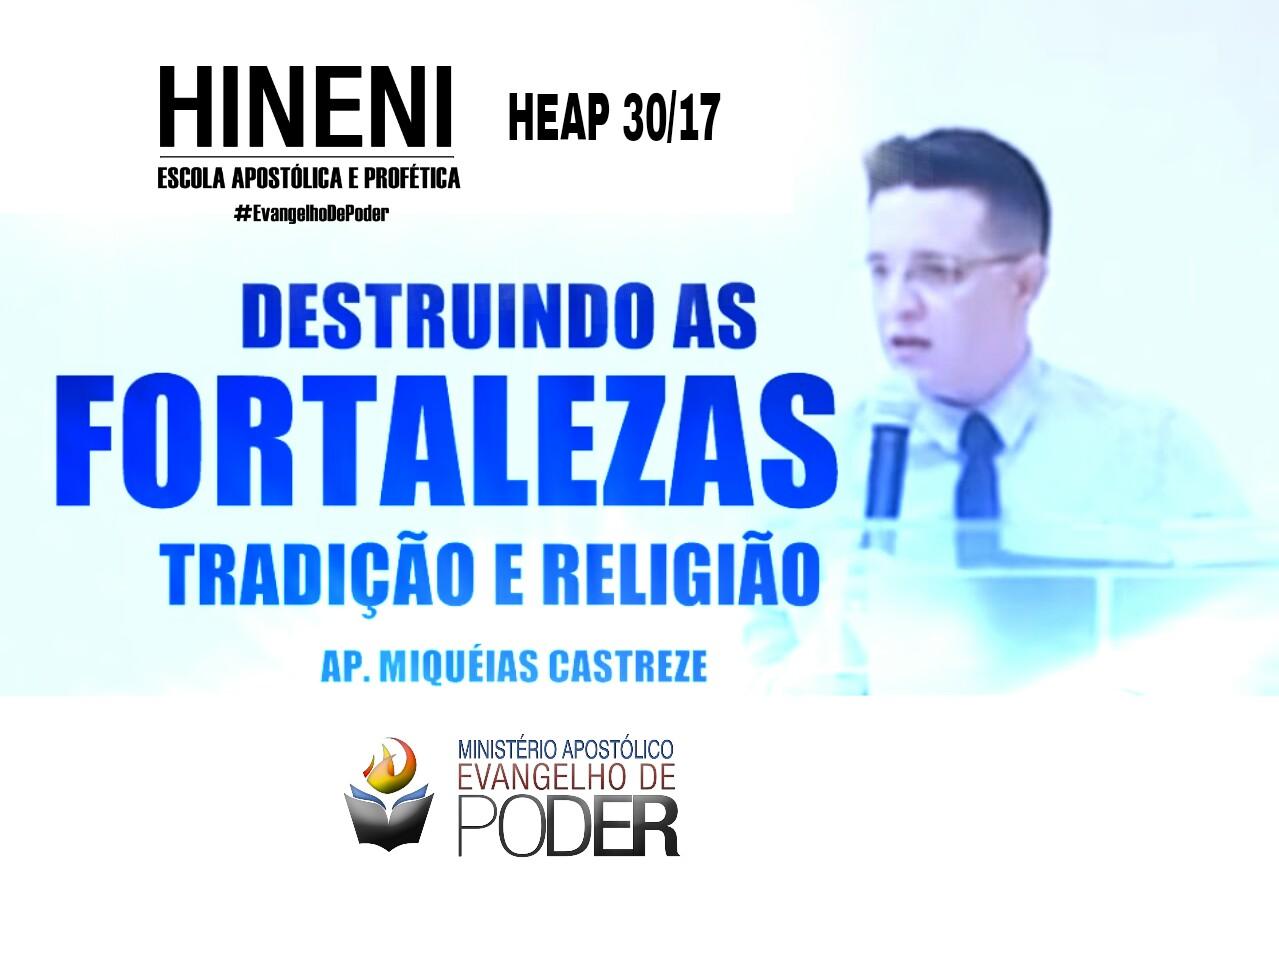 [HEAP 30/17] DESTRUINDO FORTALEZAS DA TRADIÇÃO E RELIGIÃO